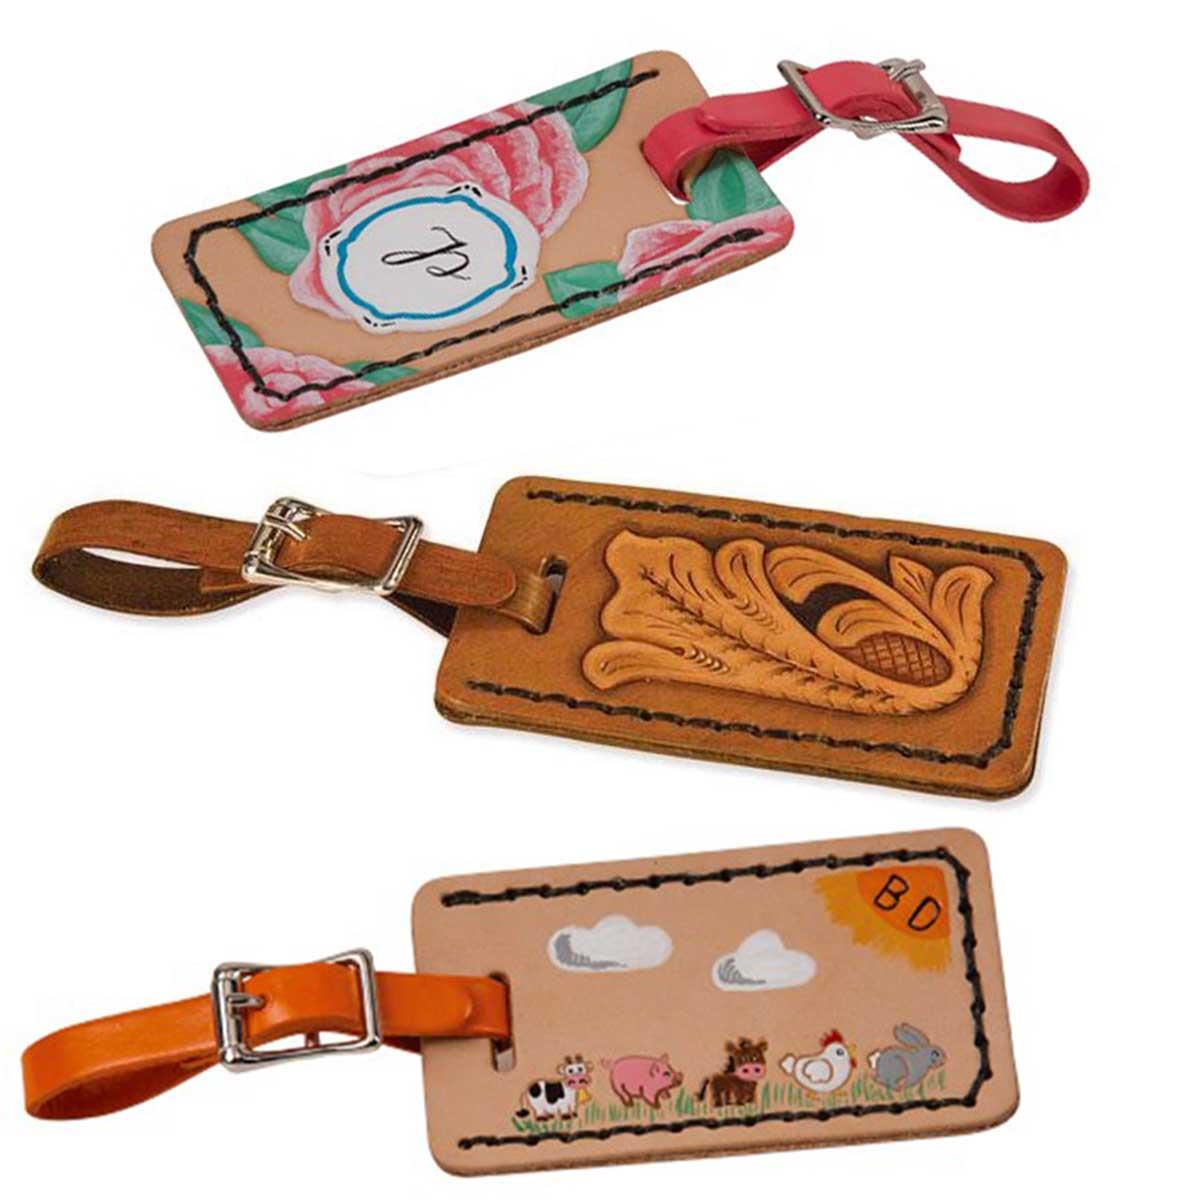 Kit pour étiquette à bagage - 44167